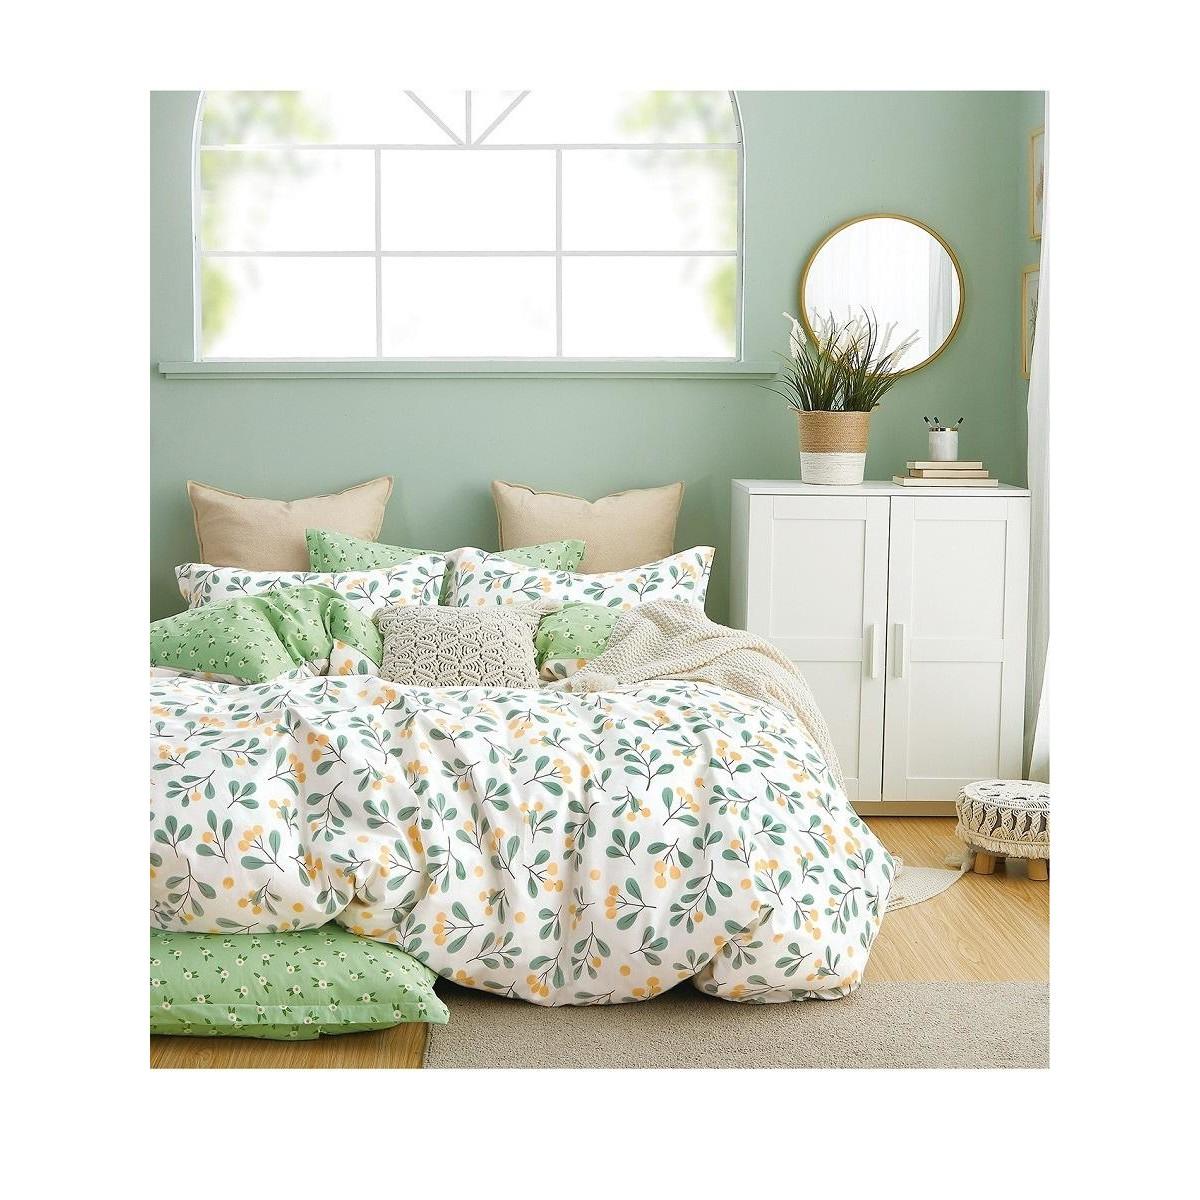 Комплект постельного белья 2-спальный Jardin 3820/160/860